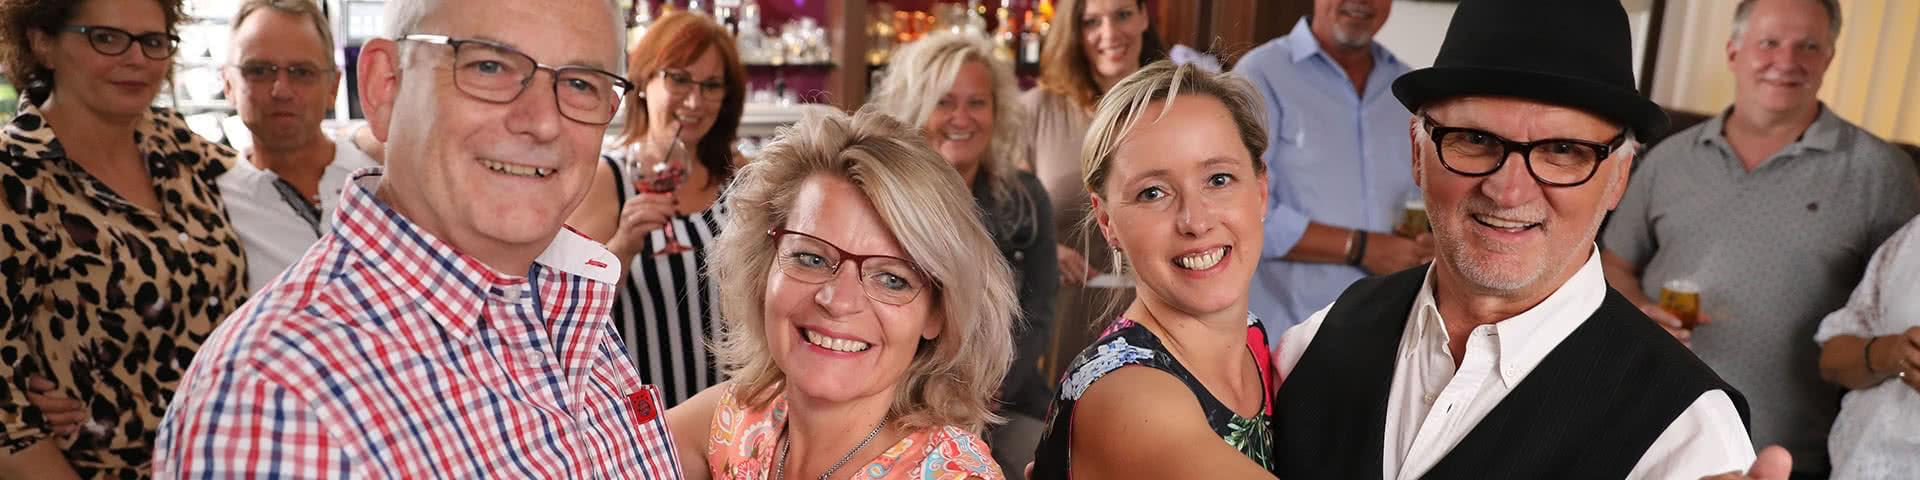 Pärchen tanzen beim Tanzworkshop im Beverland